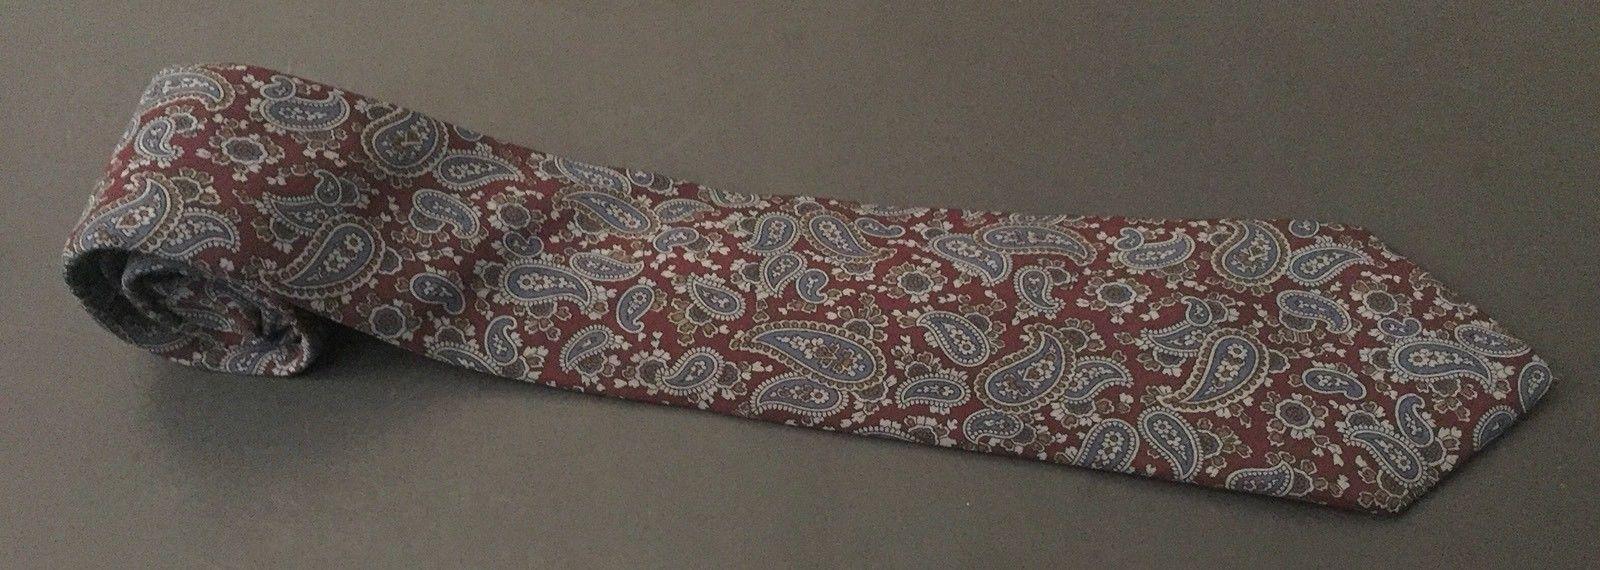 Geoffrey Beene Dark Paisley Tie Necktie Burgundy Blue Cohoes Silk Italian Made